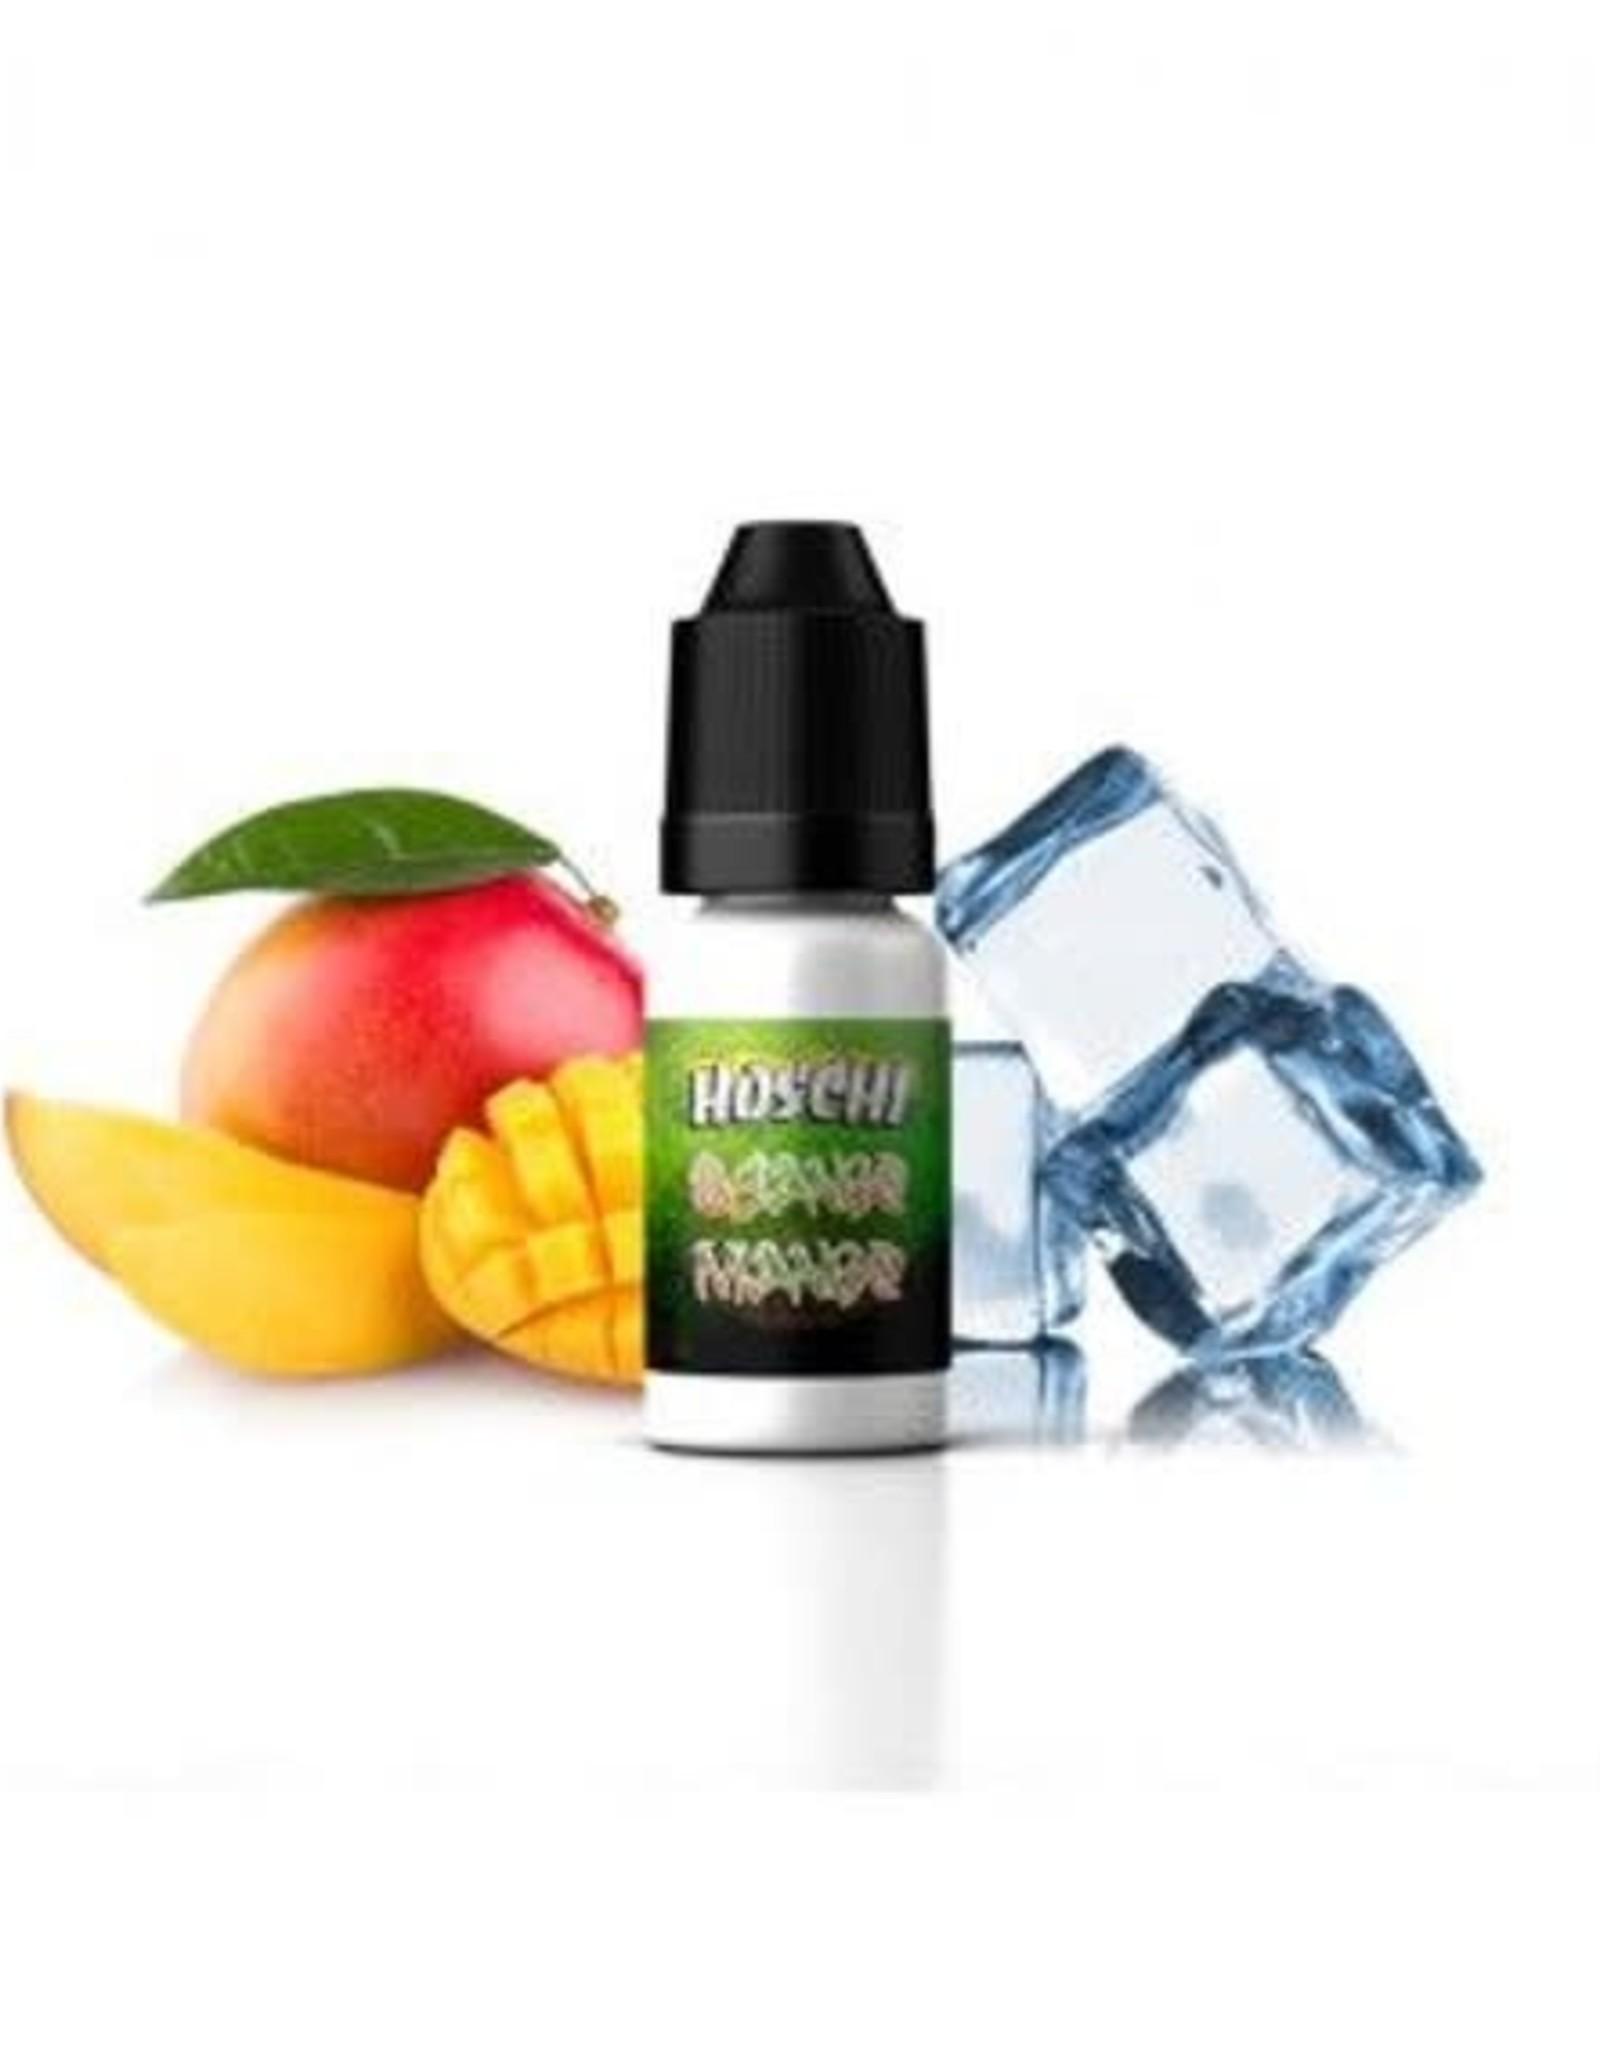 Hoschi Hoschi - Bango Mango Aroma 10 ml